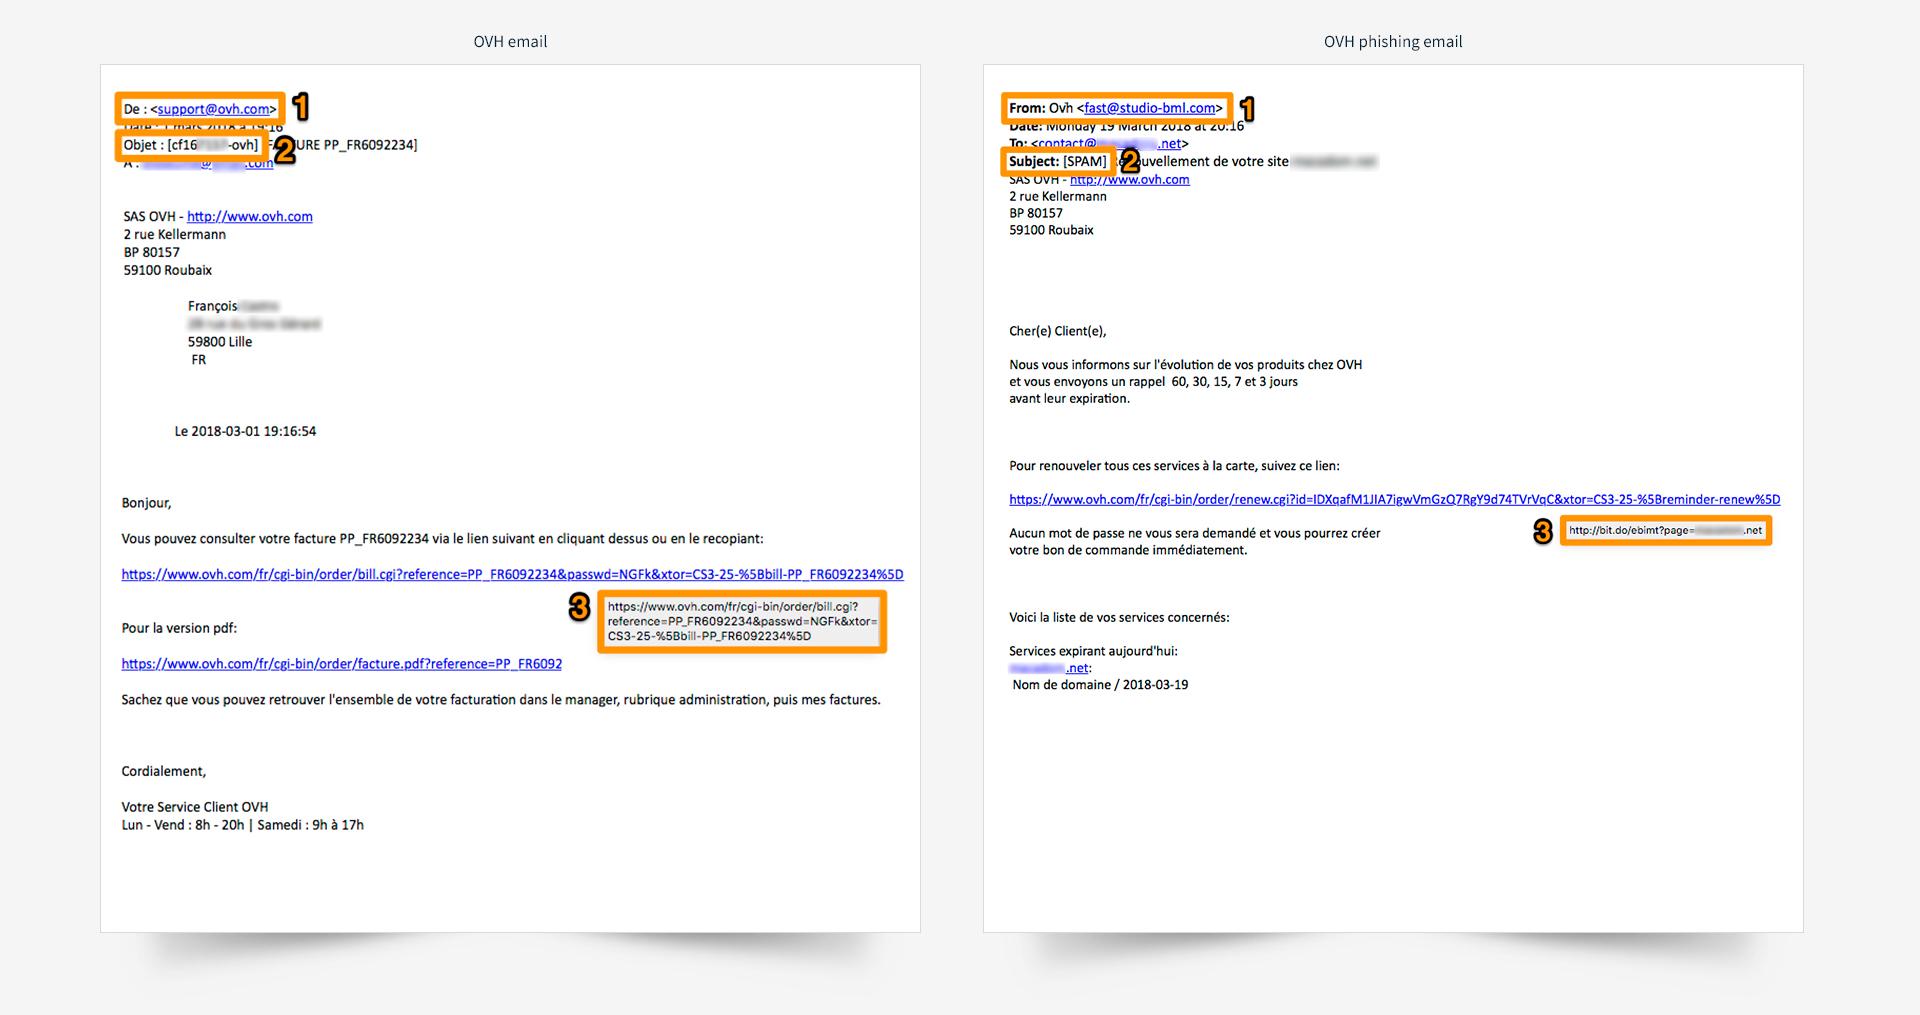 Diferencia entre un email de OVHcloud y un email de phishing